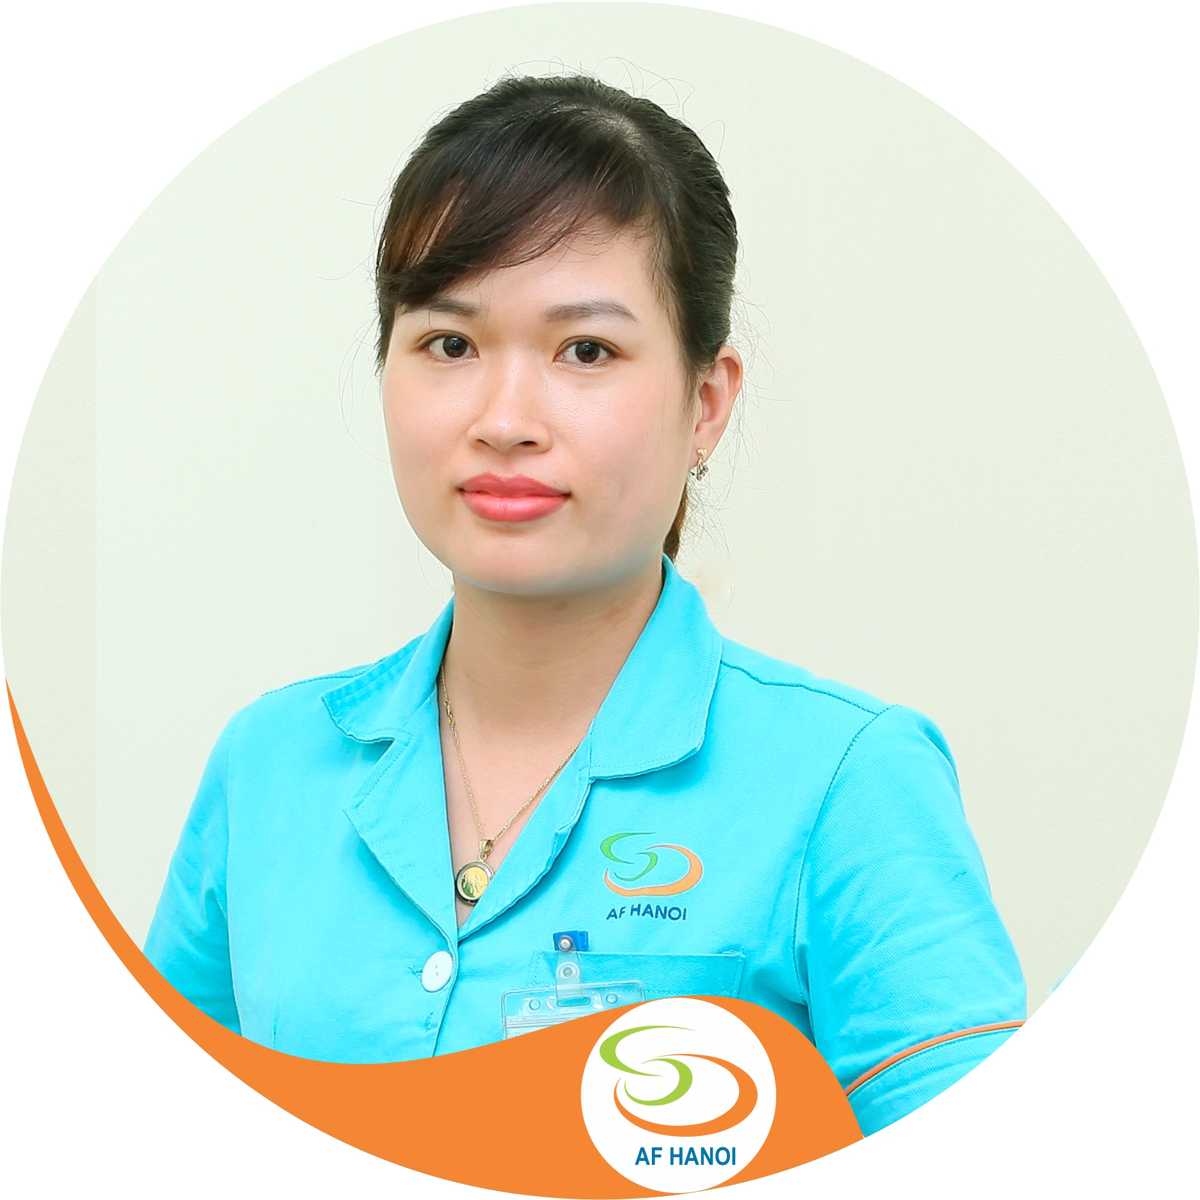 Cử nhân Kiều Thị Mai - Điều dưỡng Trưởng Bệnh viện